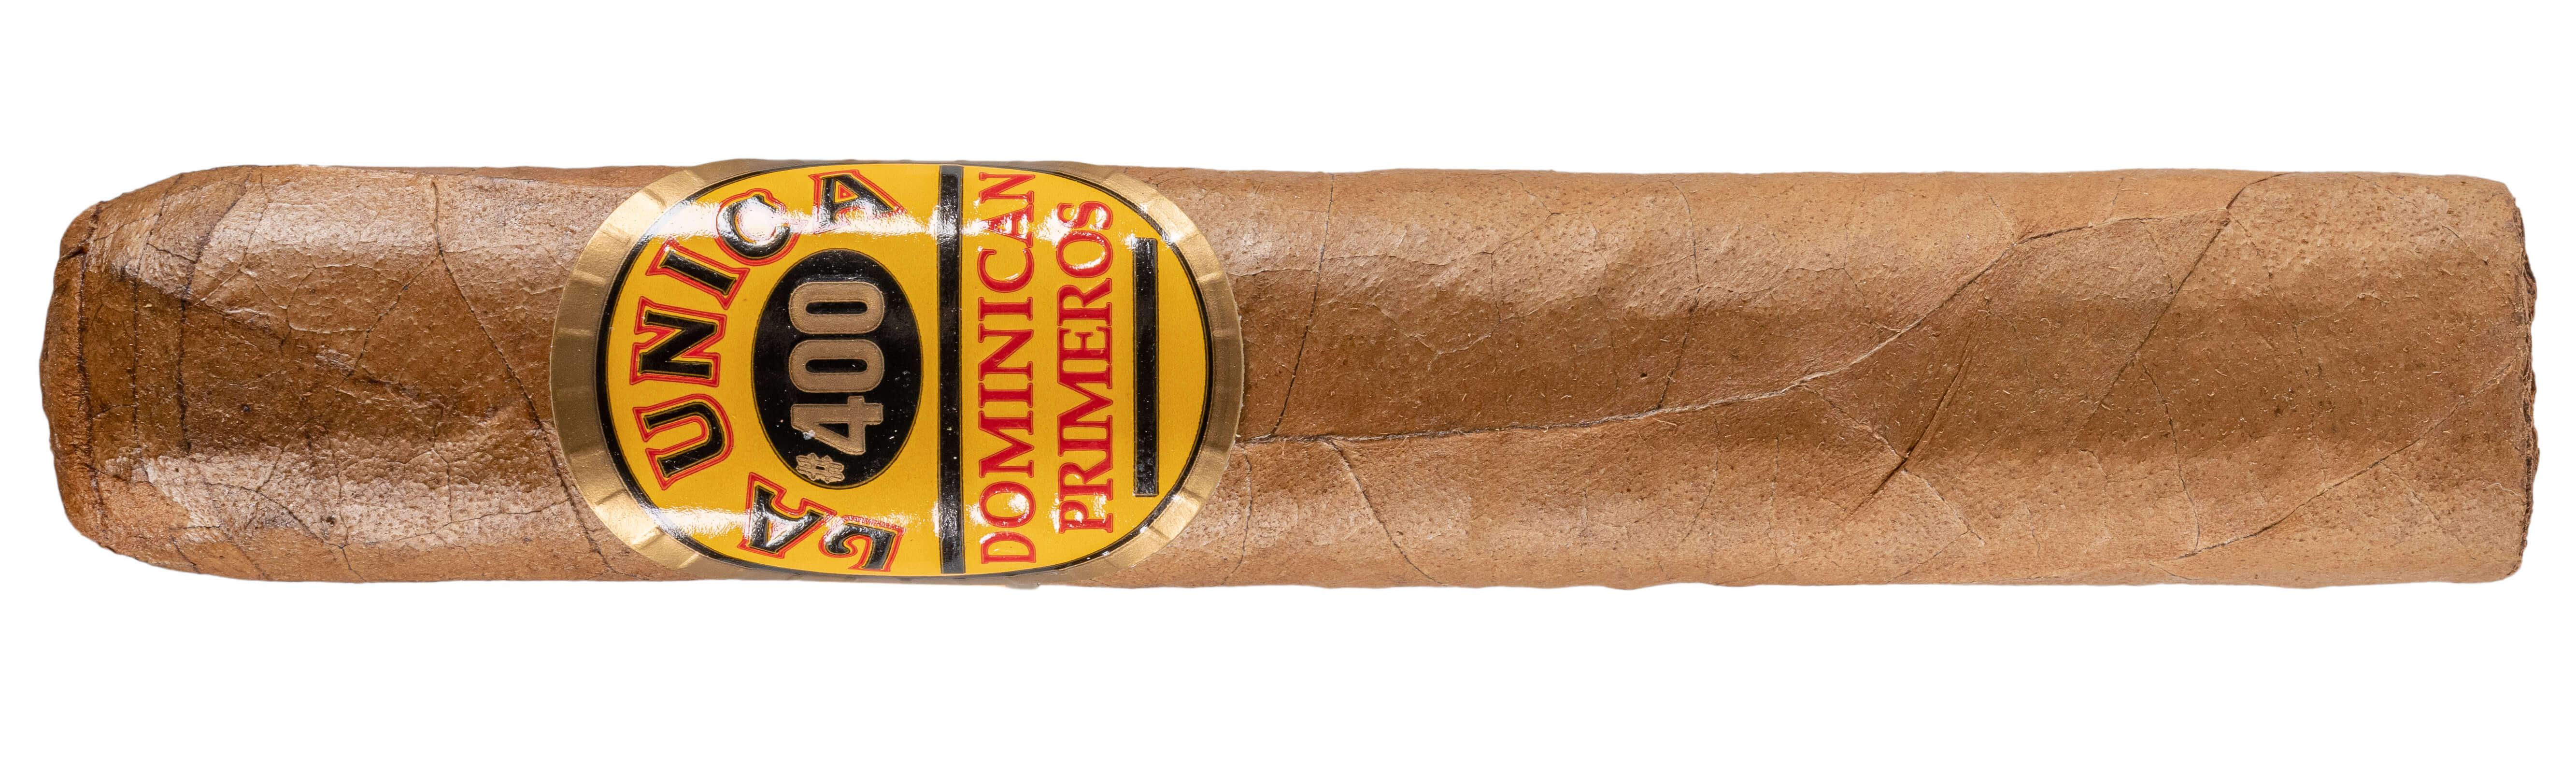 Blind Cigar Review: J.C. Newman | La Unica No. 400 Natural